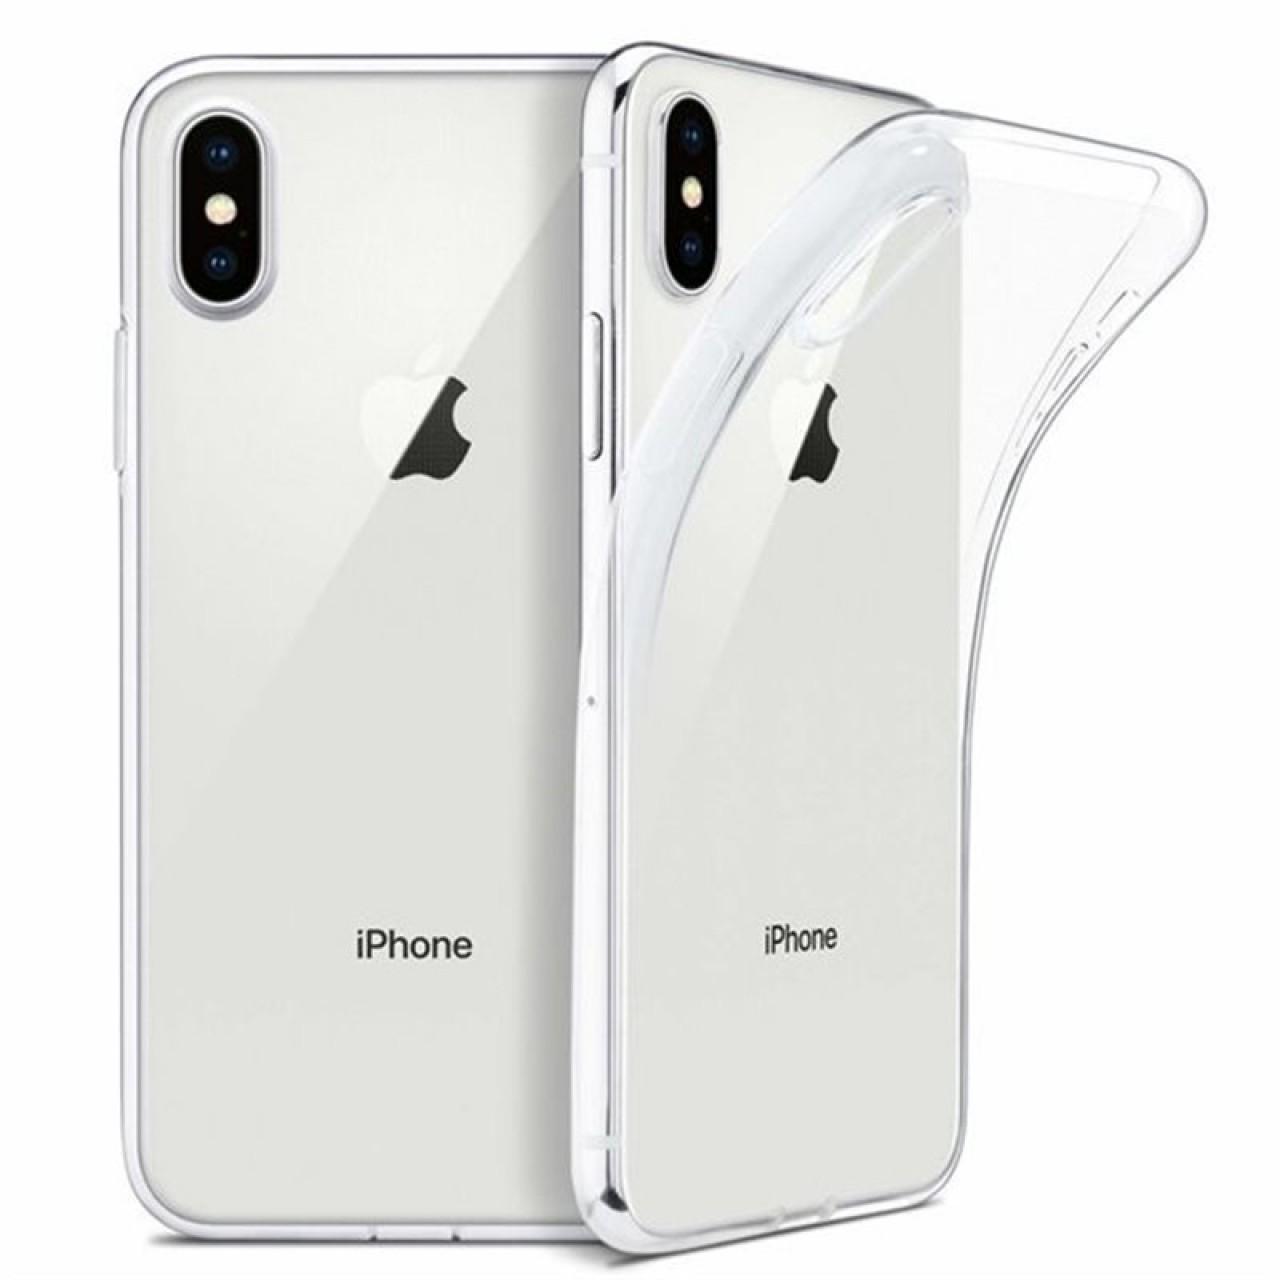 ΘΗΚΗ ΠΡΟΣΤΑΣΙΑΣ ΣΙΛΙΚΟΝΗΣ ΓΙΑ iPhone X / XS - BACK COVER SILICON CASE - OEM